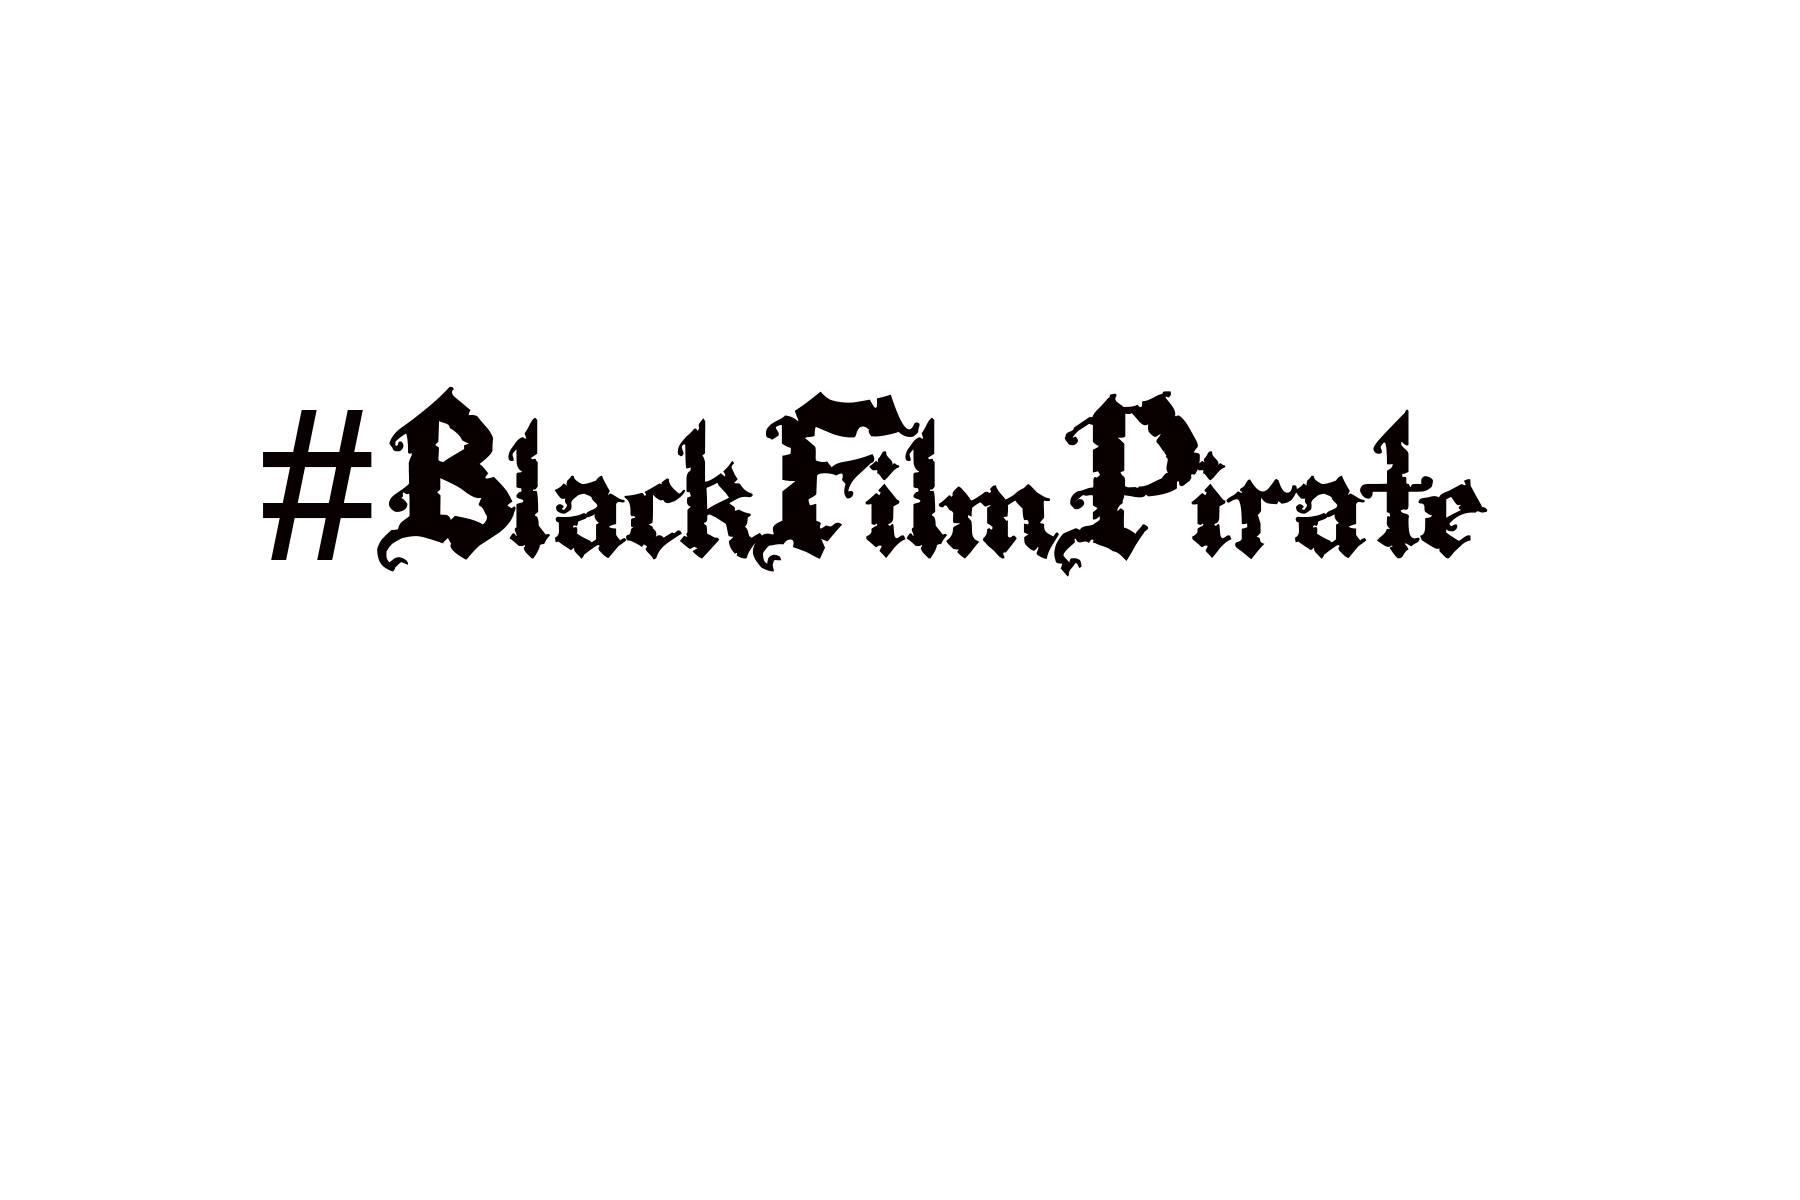 Black Film Pirate Coming Soon Erased.jpg